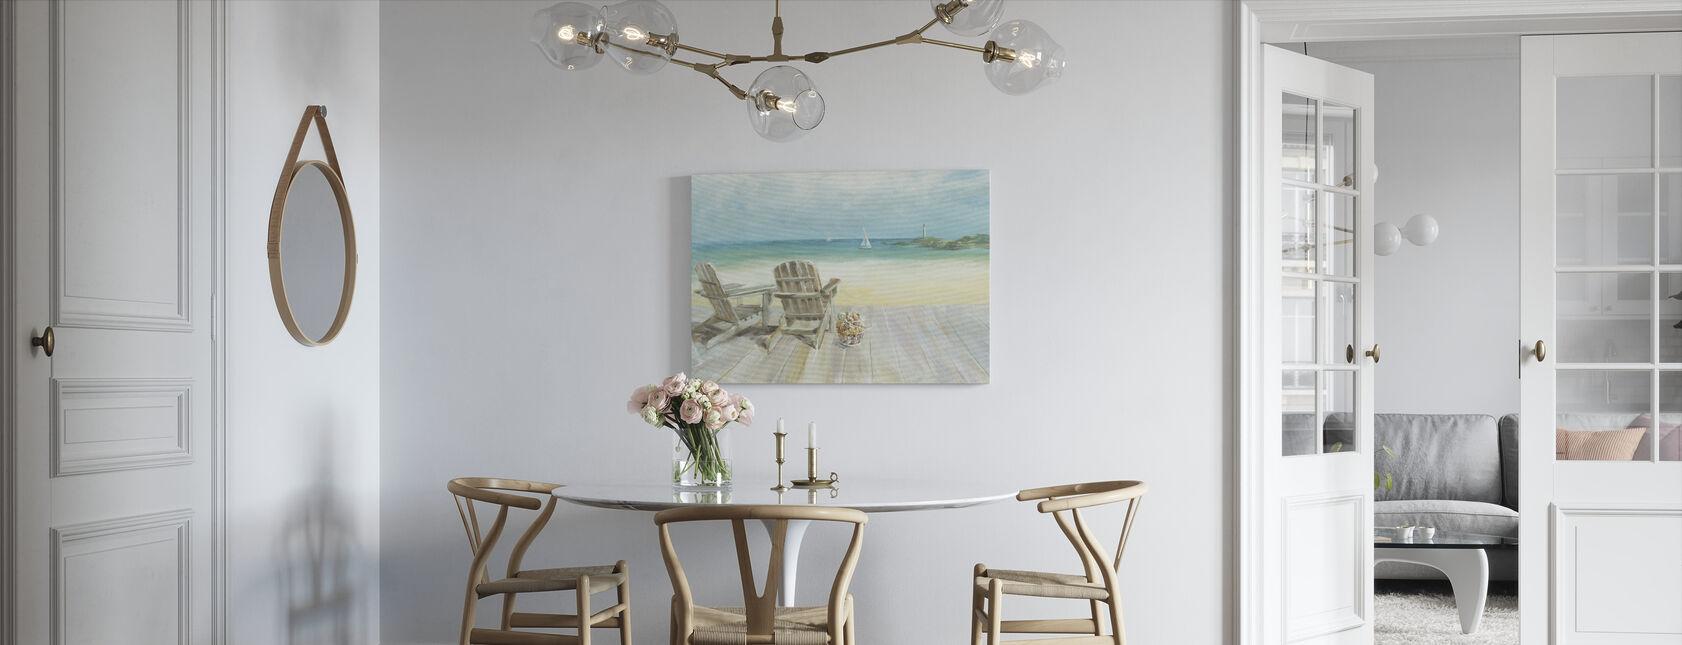 Uitzicht op de oceaan - Canvas print - Keuken